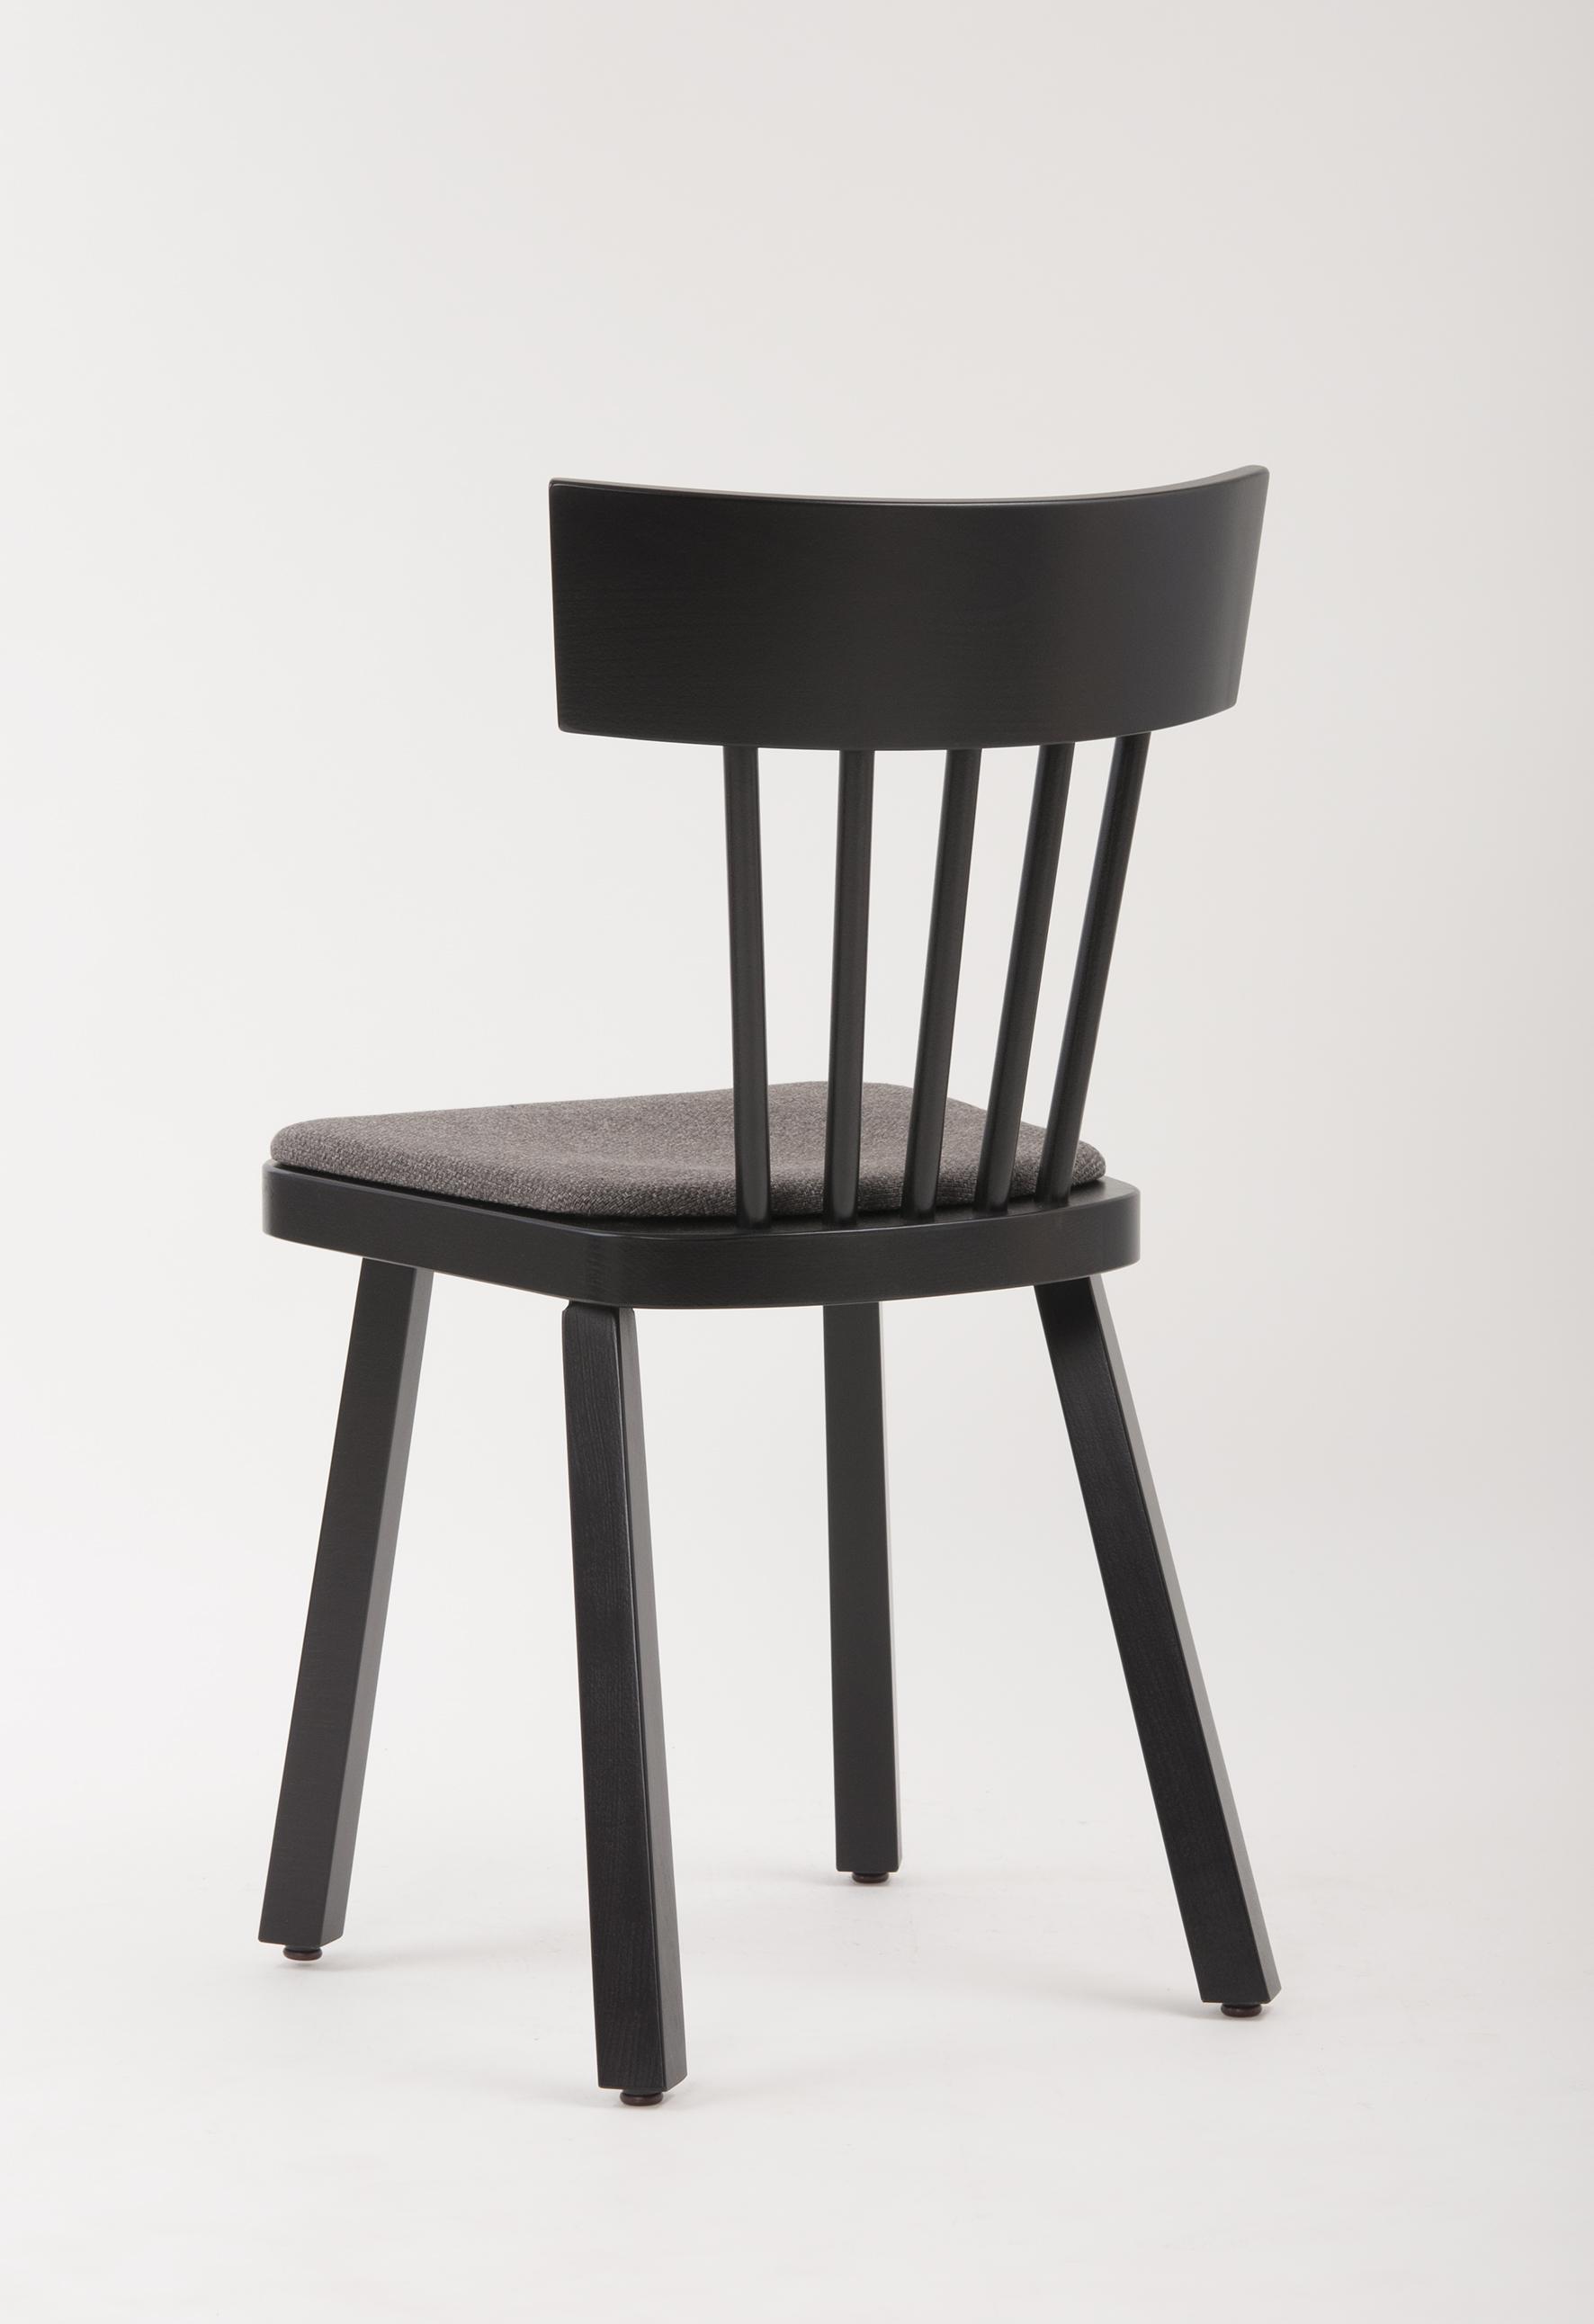 Zu den Schnieder Möbelneuheiten gehört auch Massivholzstuhl Lasse mit Polstersitz